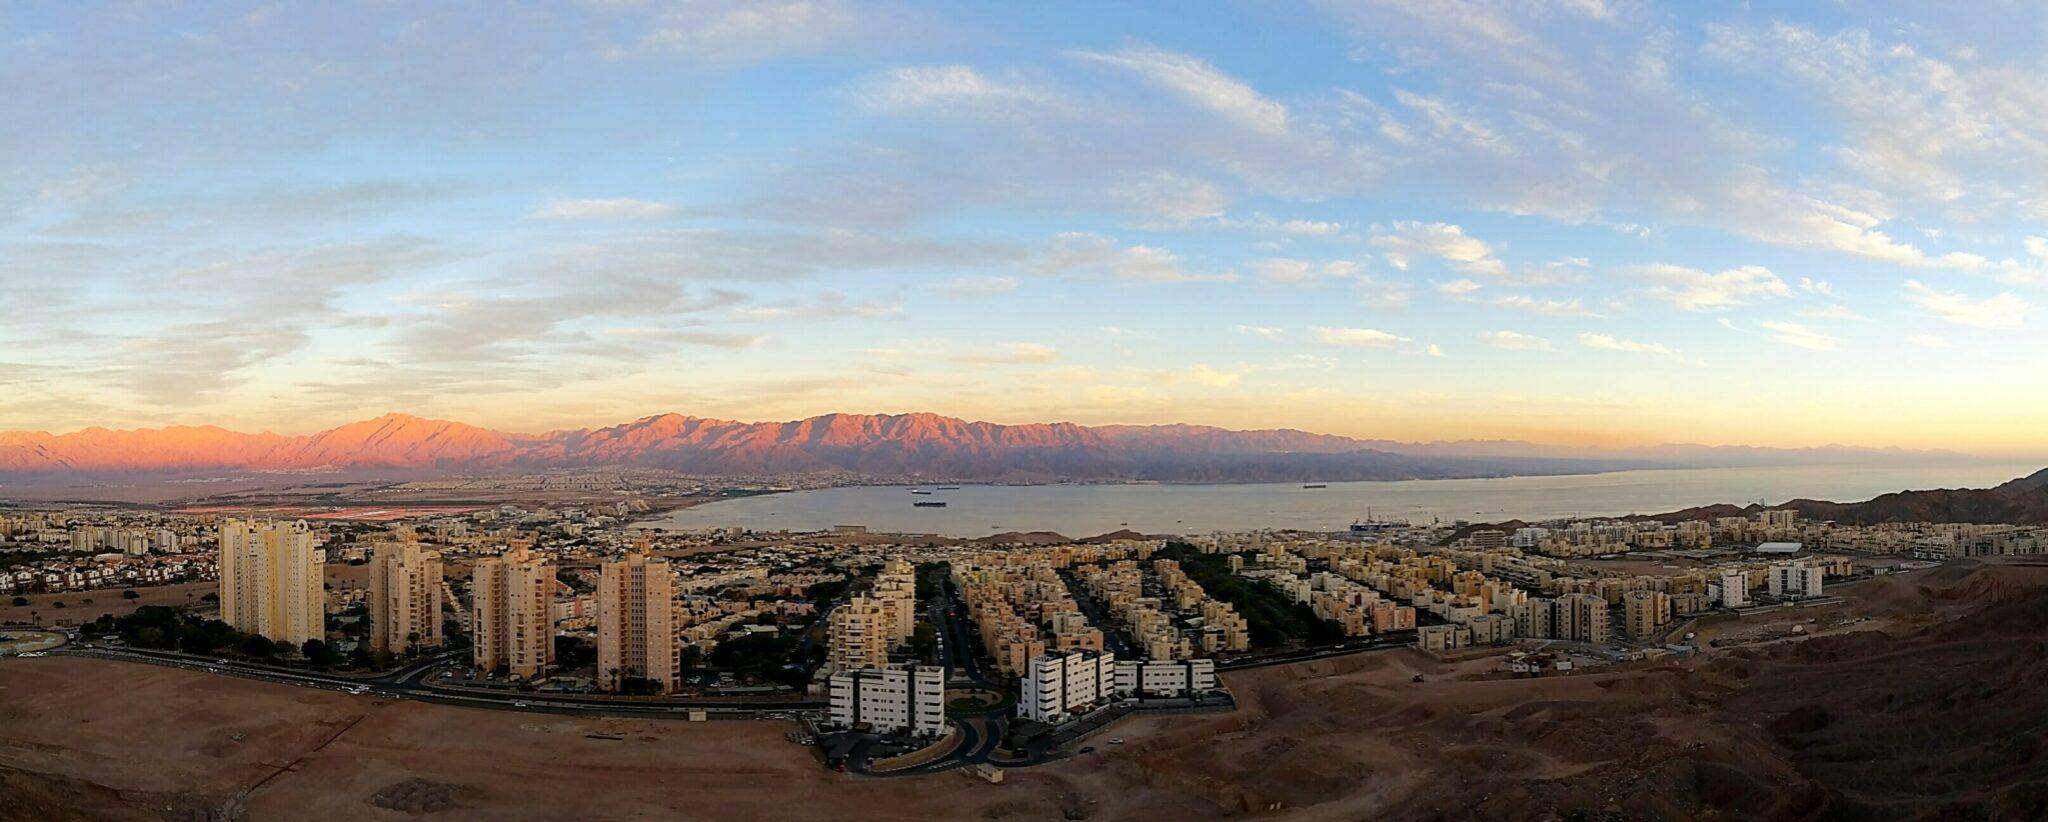 צילום פנורמי של מפרץ אילת והעיר